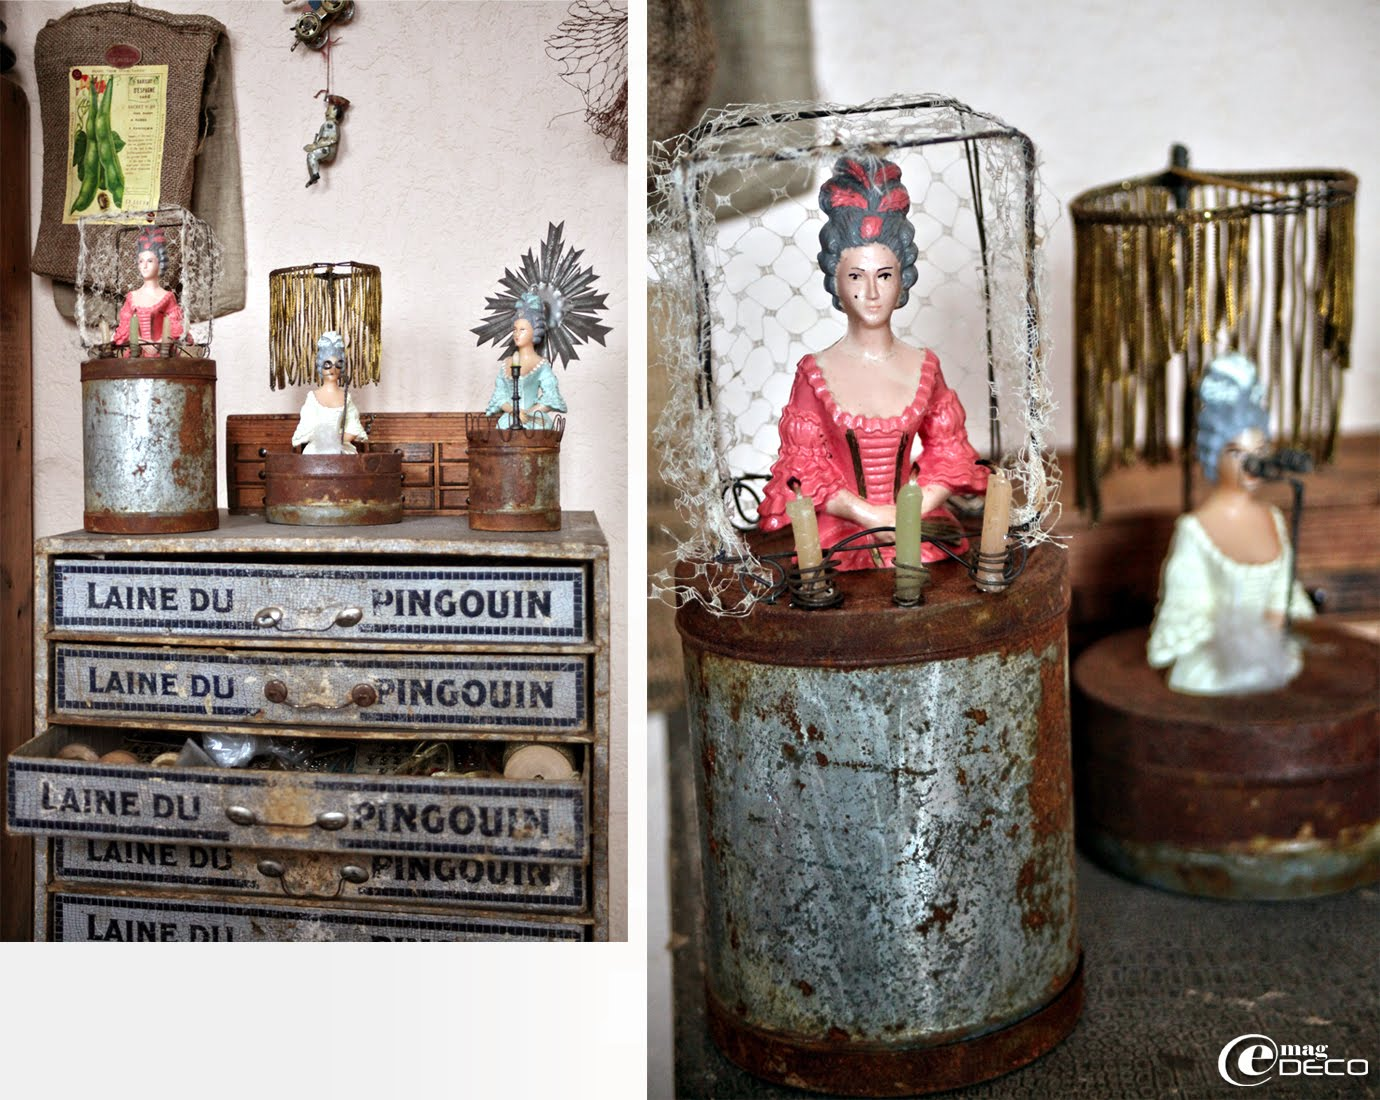 Marquises de pièces montées détournées et mises en scène sur de vieilles boîtes en fer, créations Catherine Durr